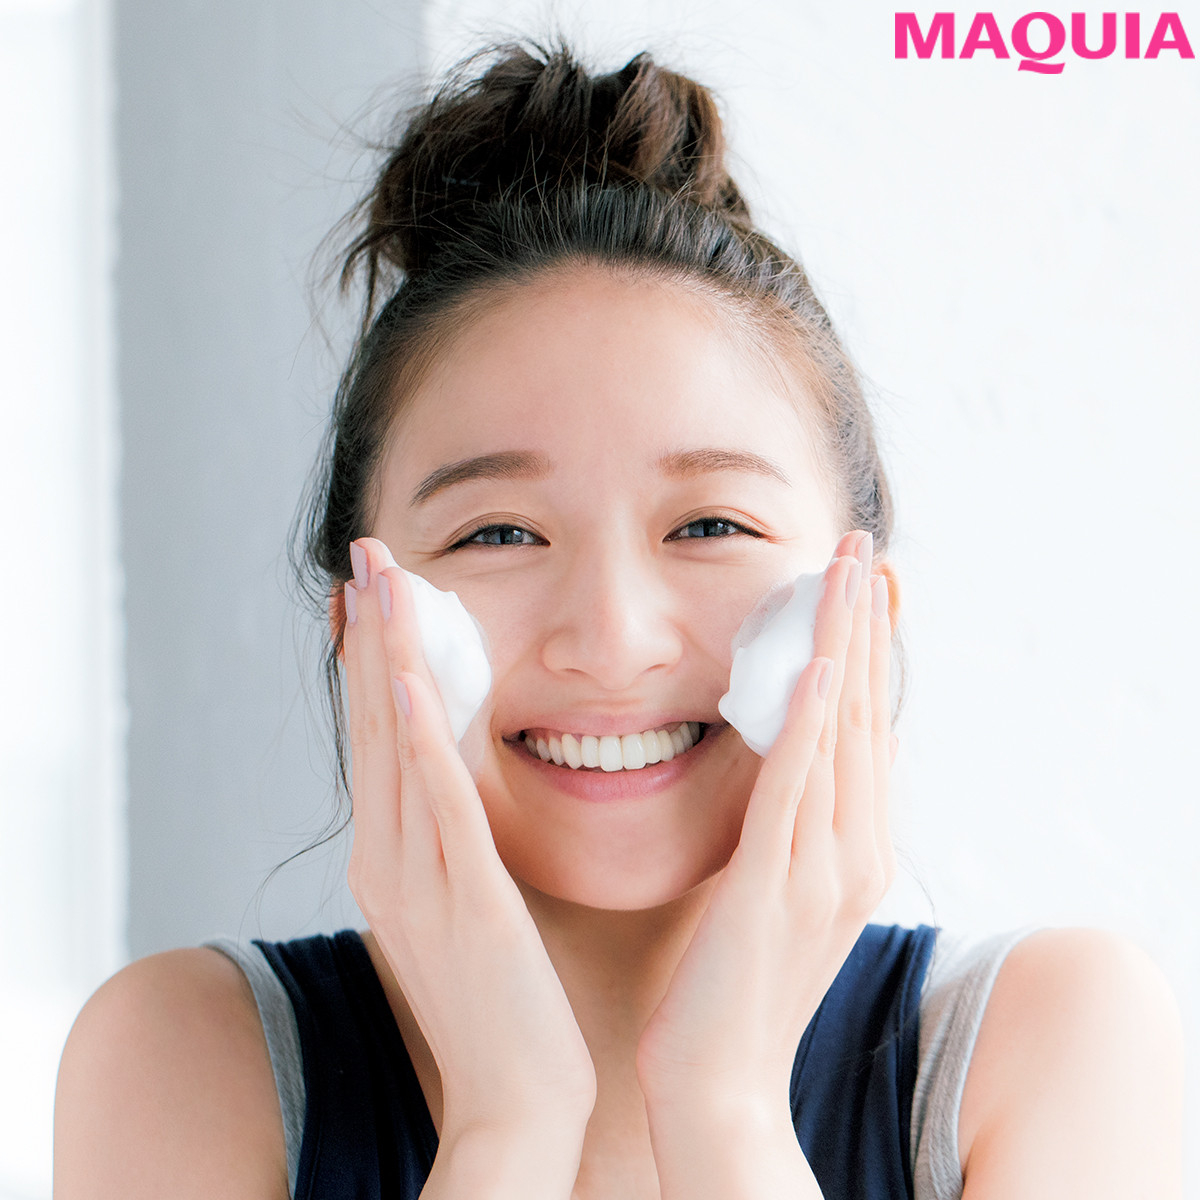 乾燥ケアの落とし穴! 洗顔&クレンジングを見直せば、肌はもっとうるおう